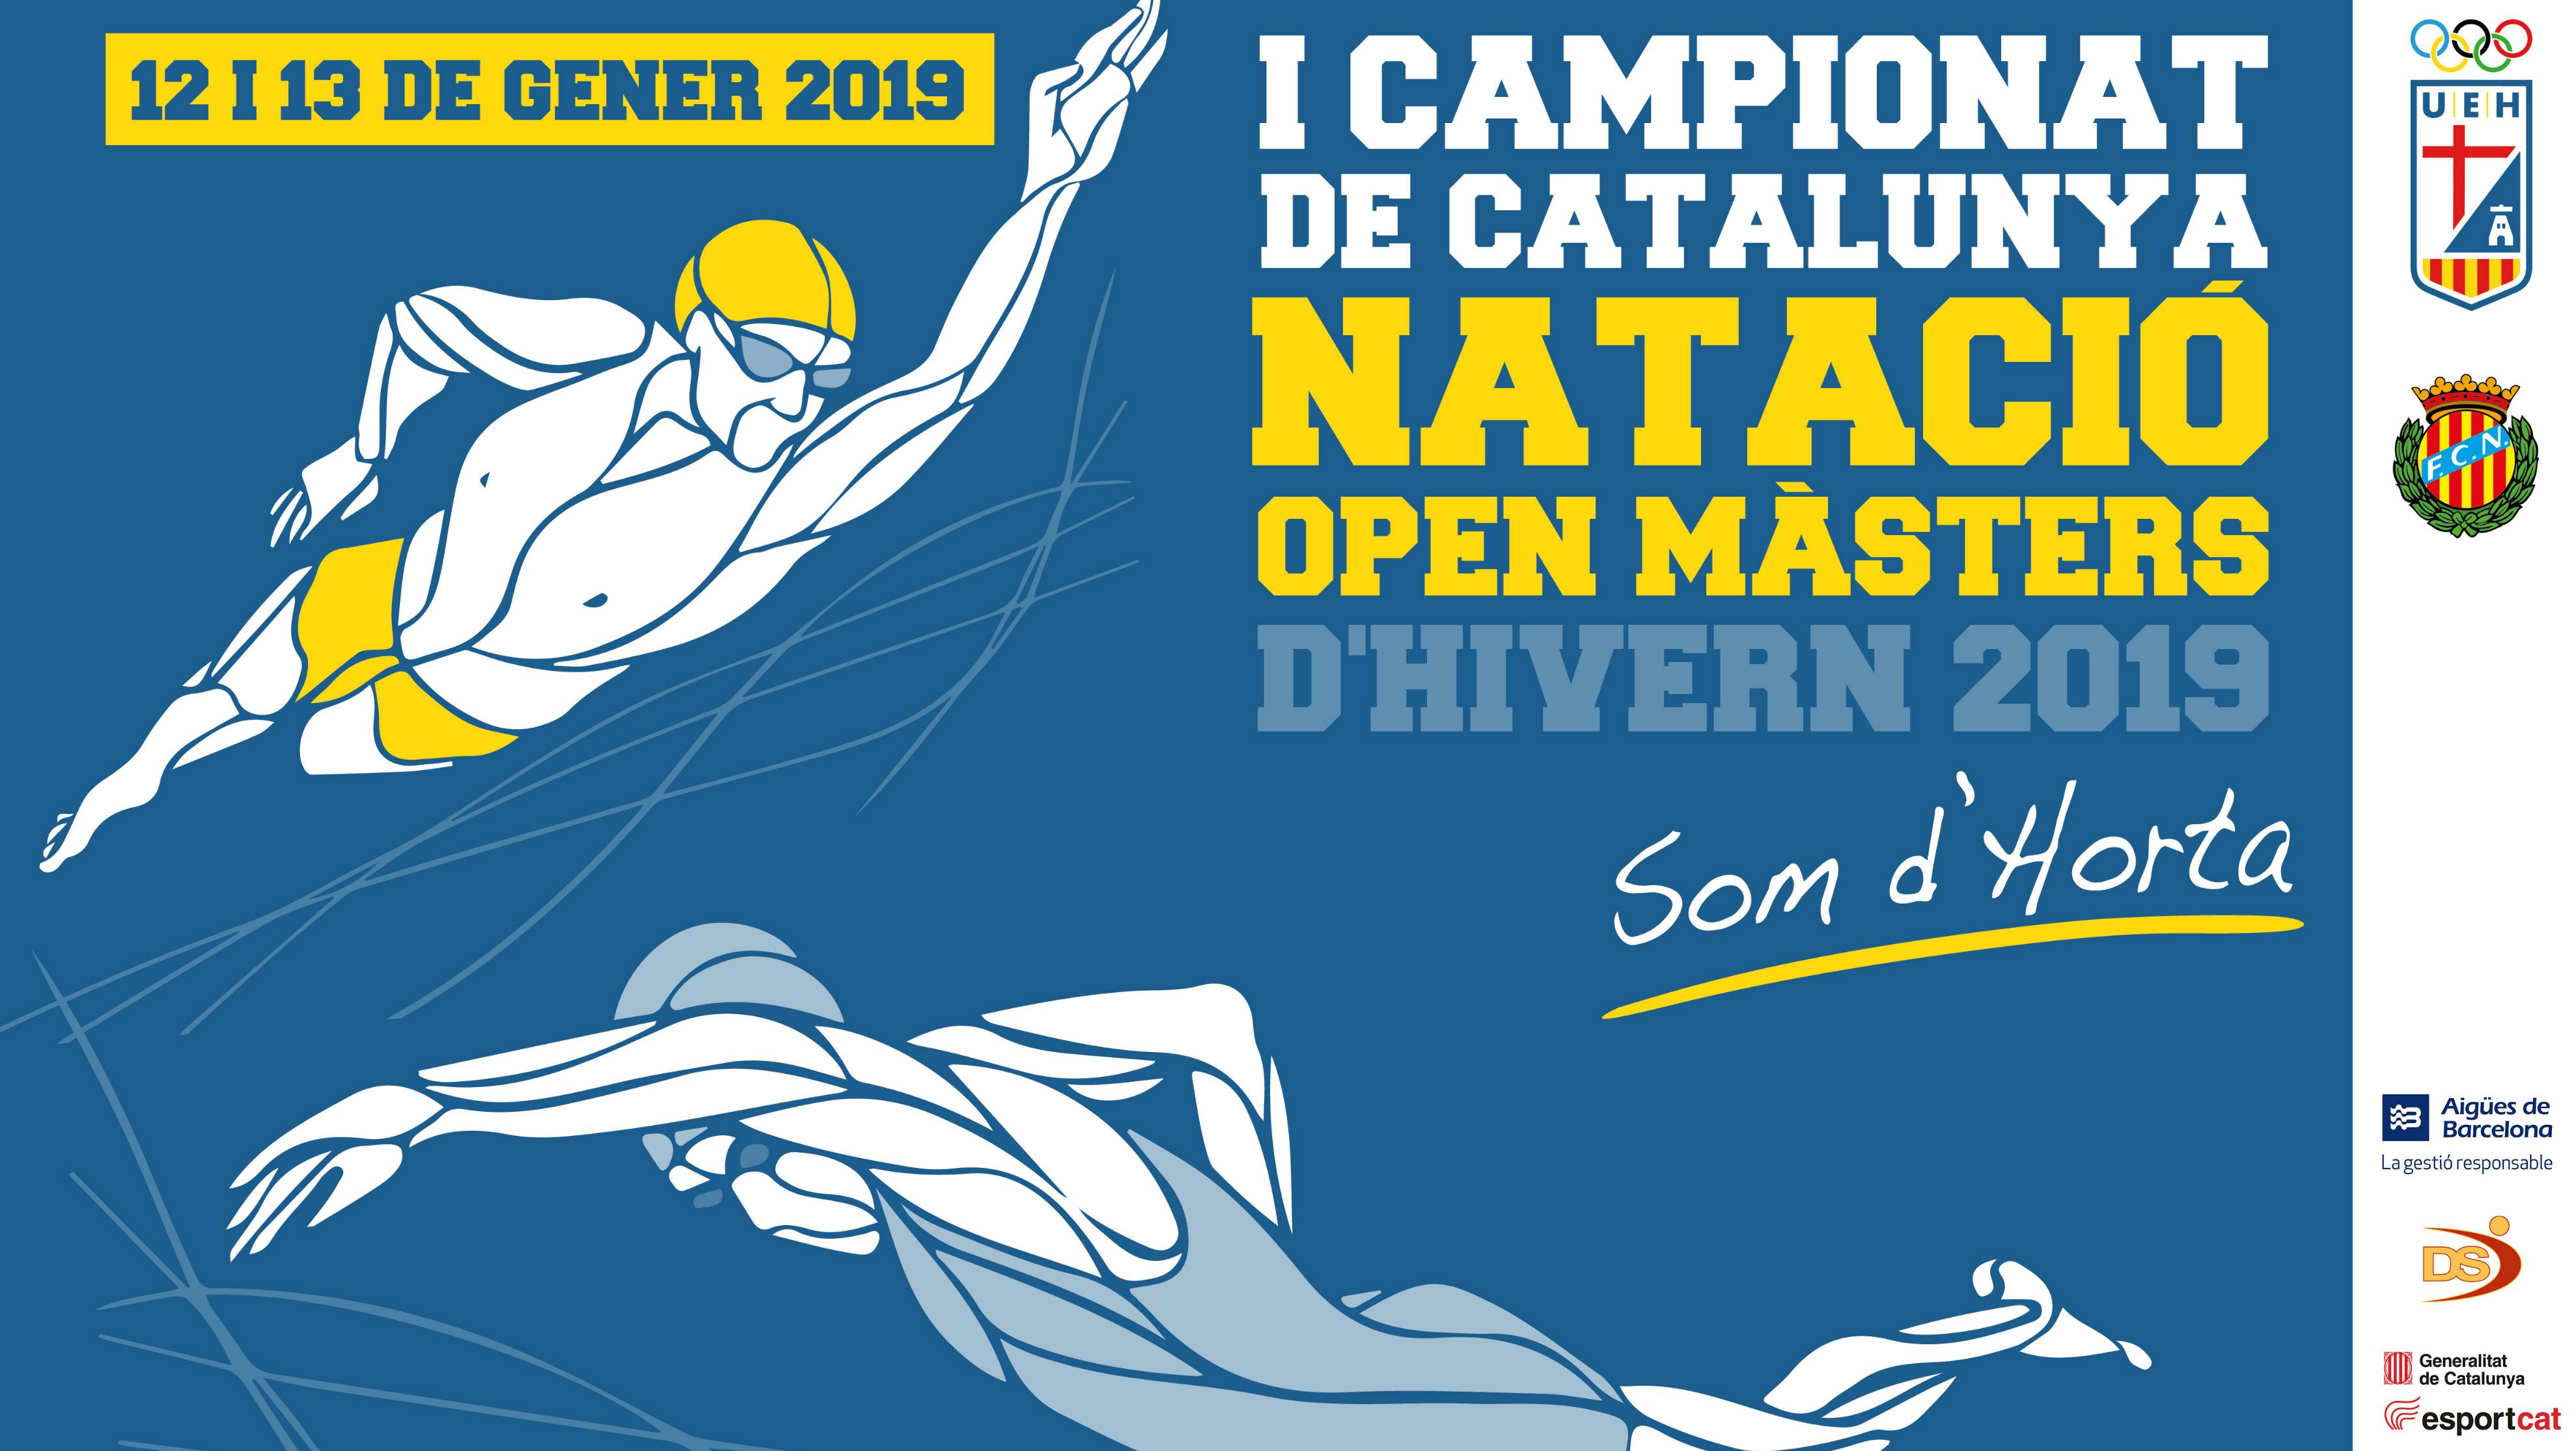 Cartell Campionat Catalunya Màster Natació